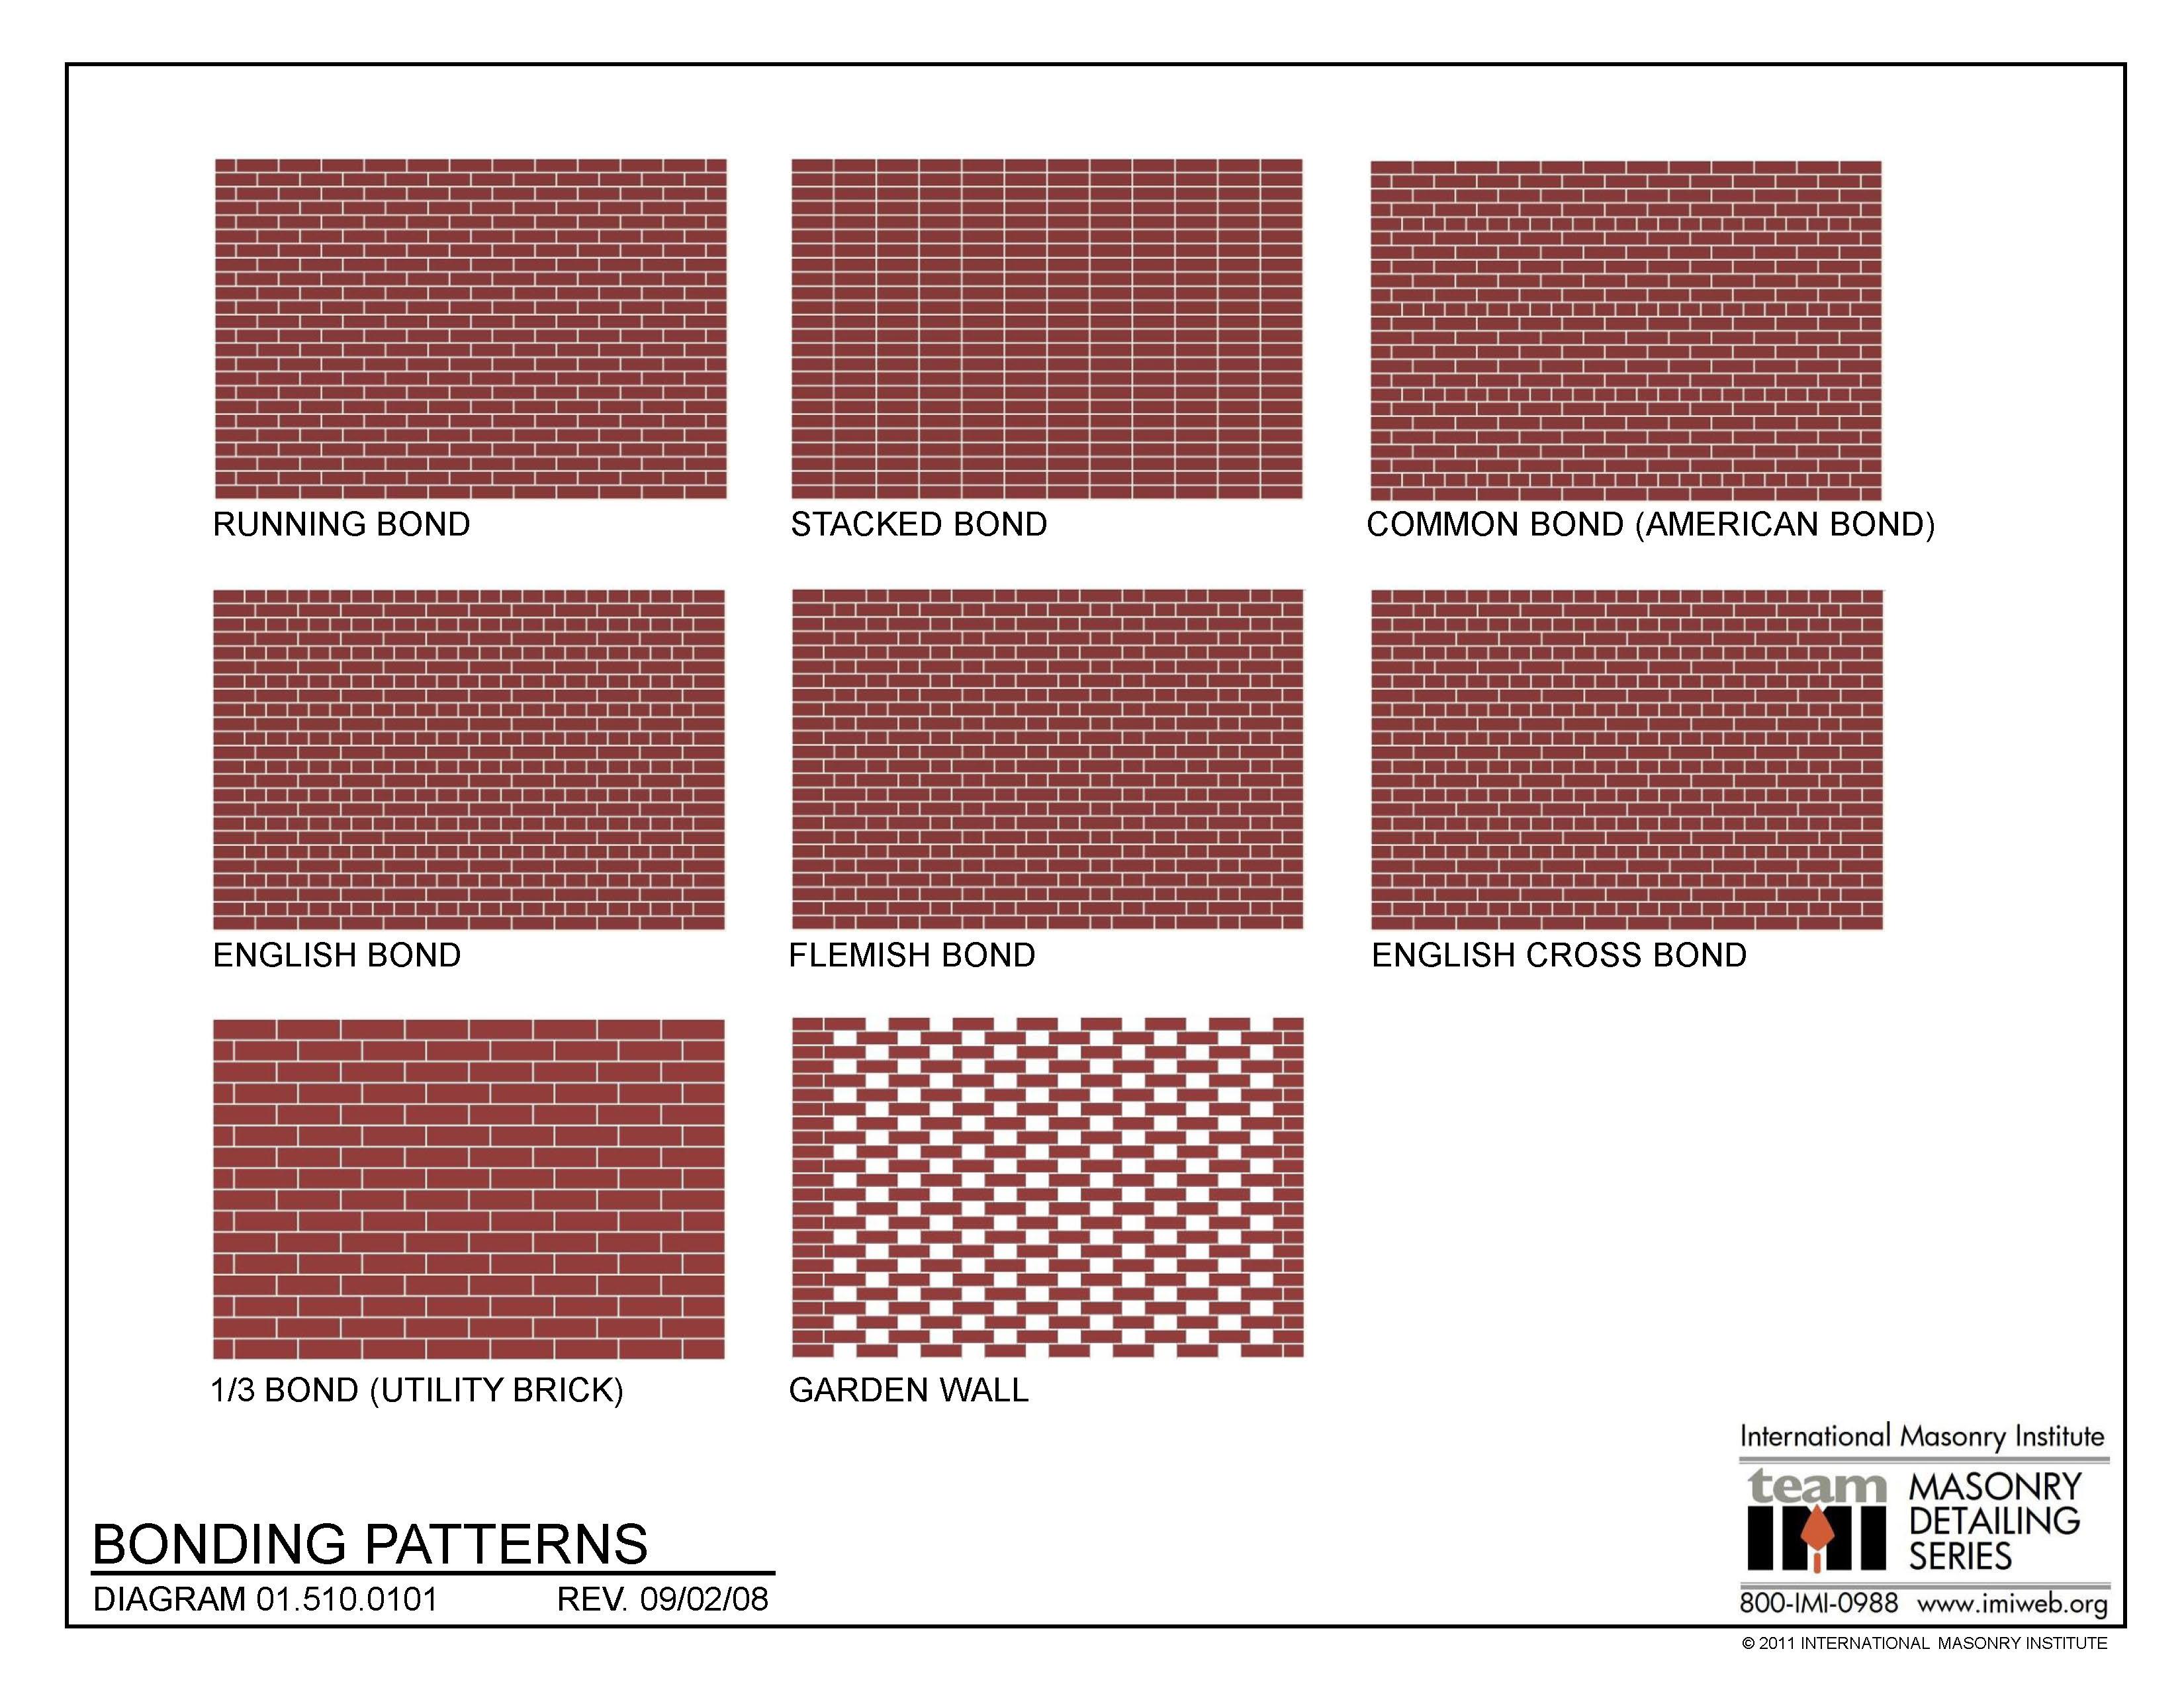 01 510 0101 Bonding Patterns International Masonry